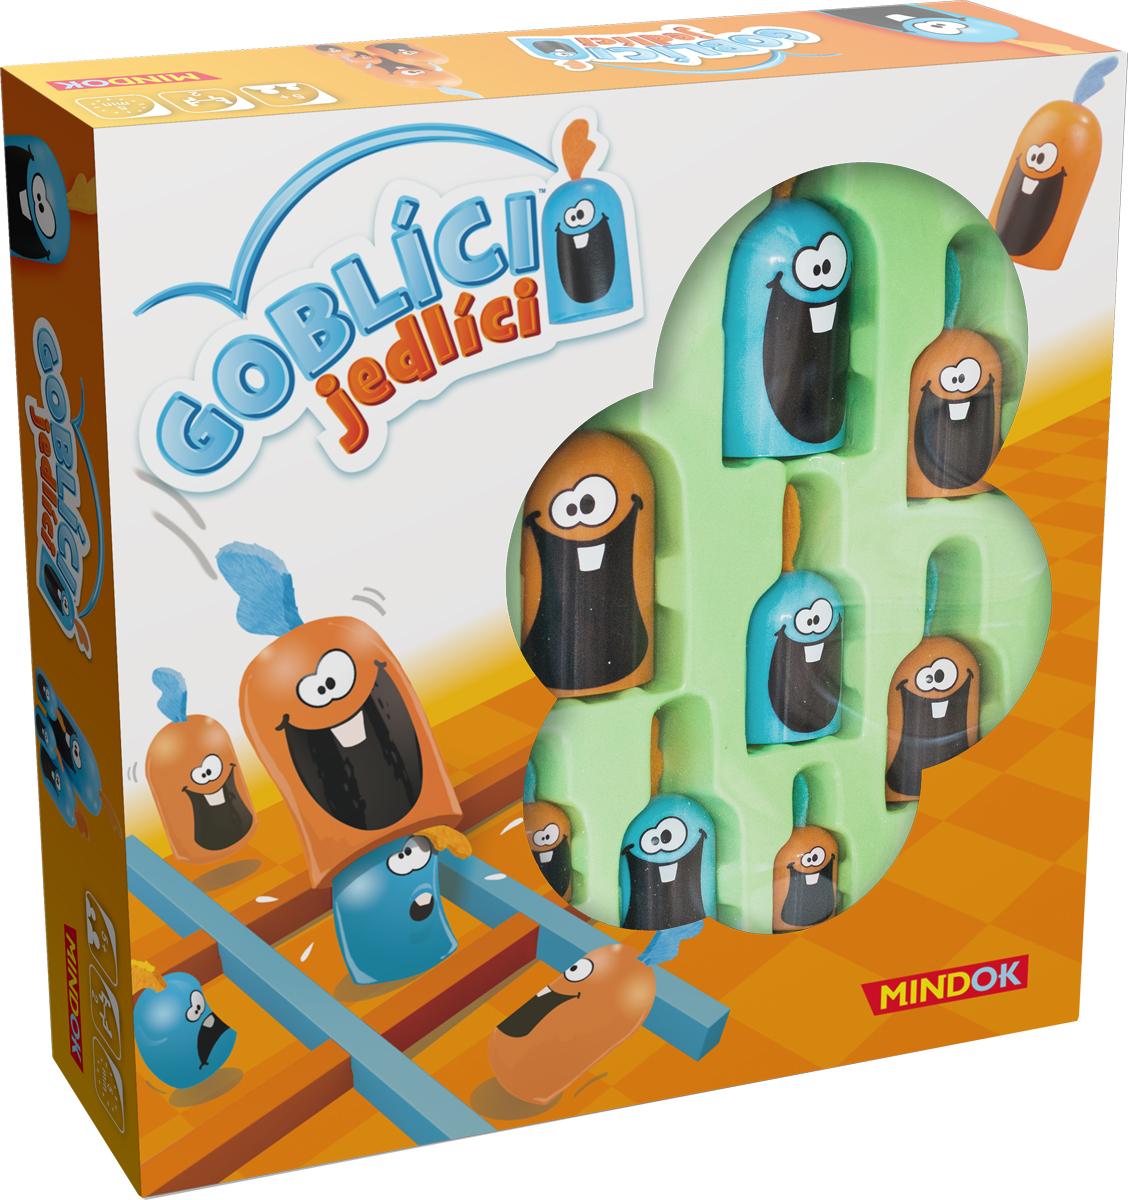 Mindok Spoločenská hra - Goblíci jedlíci